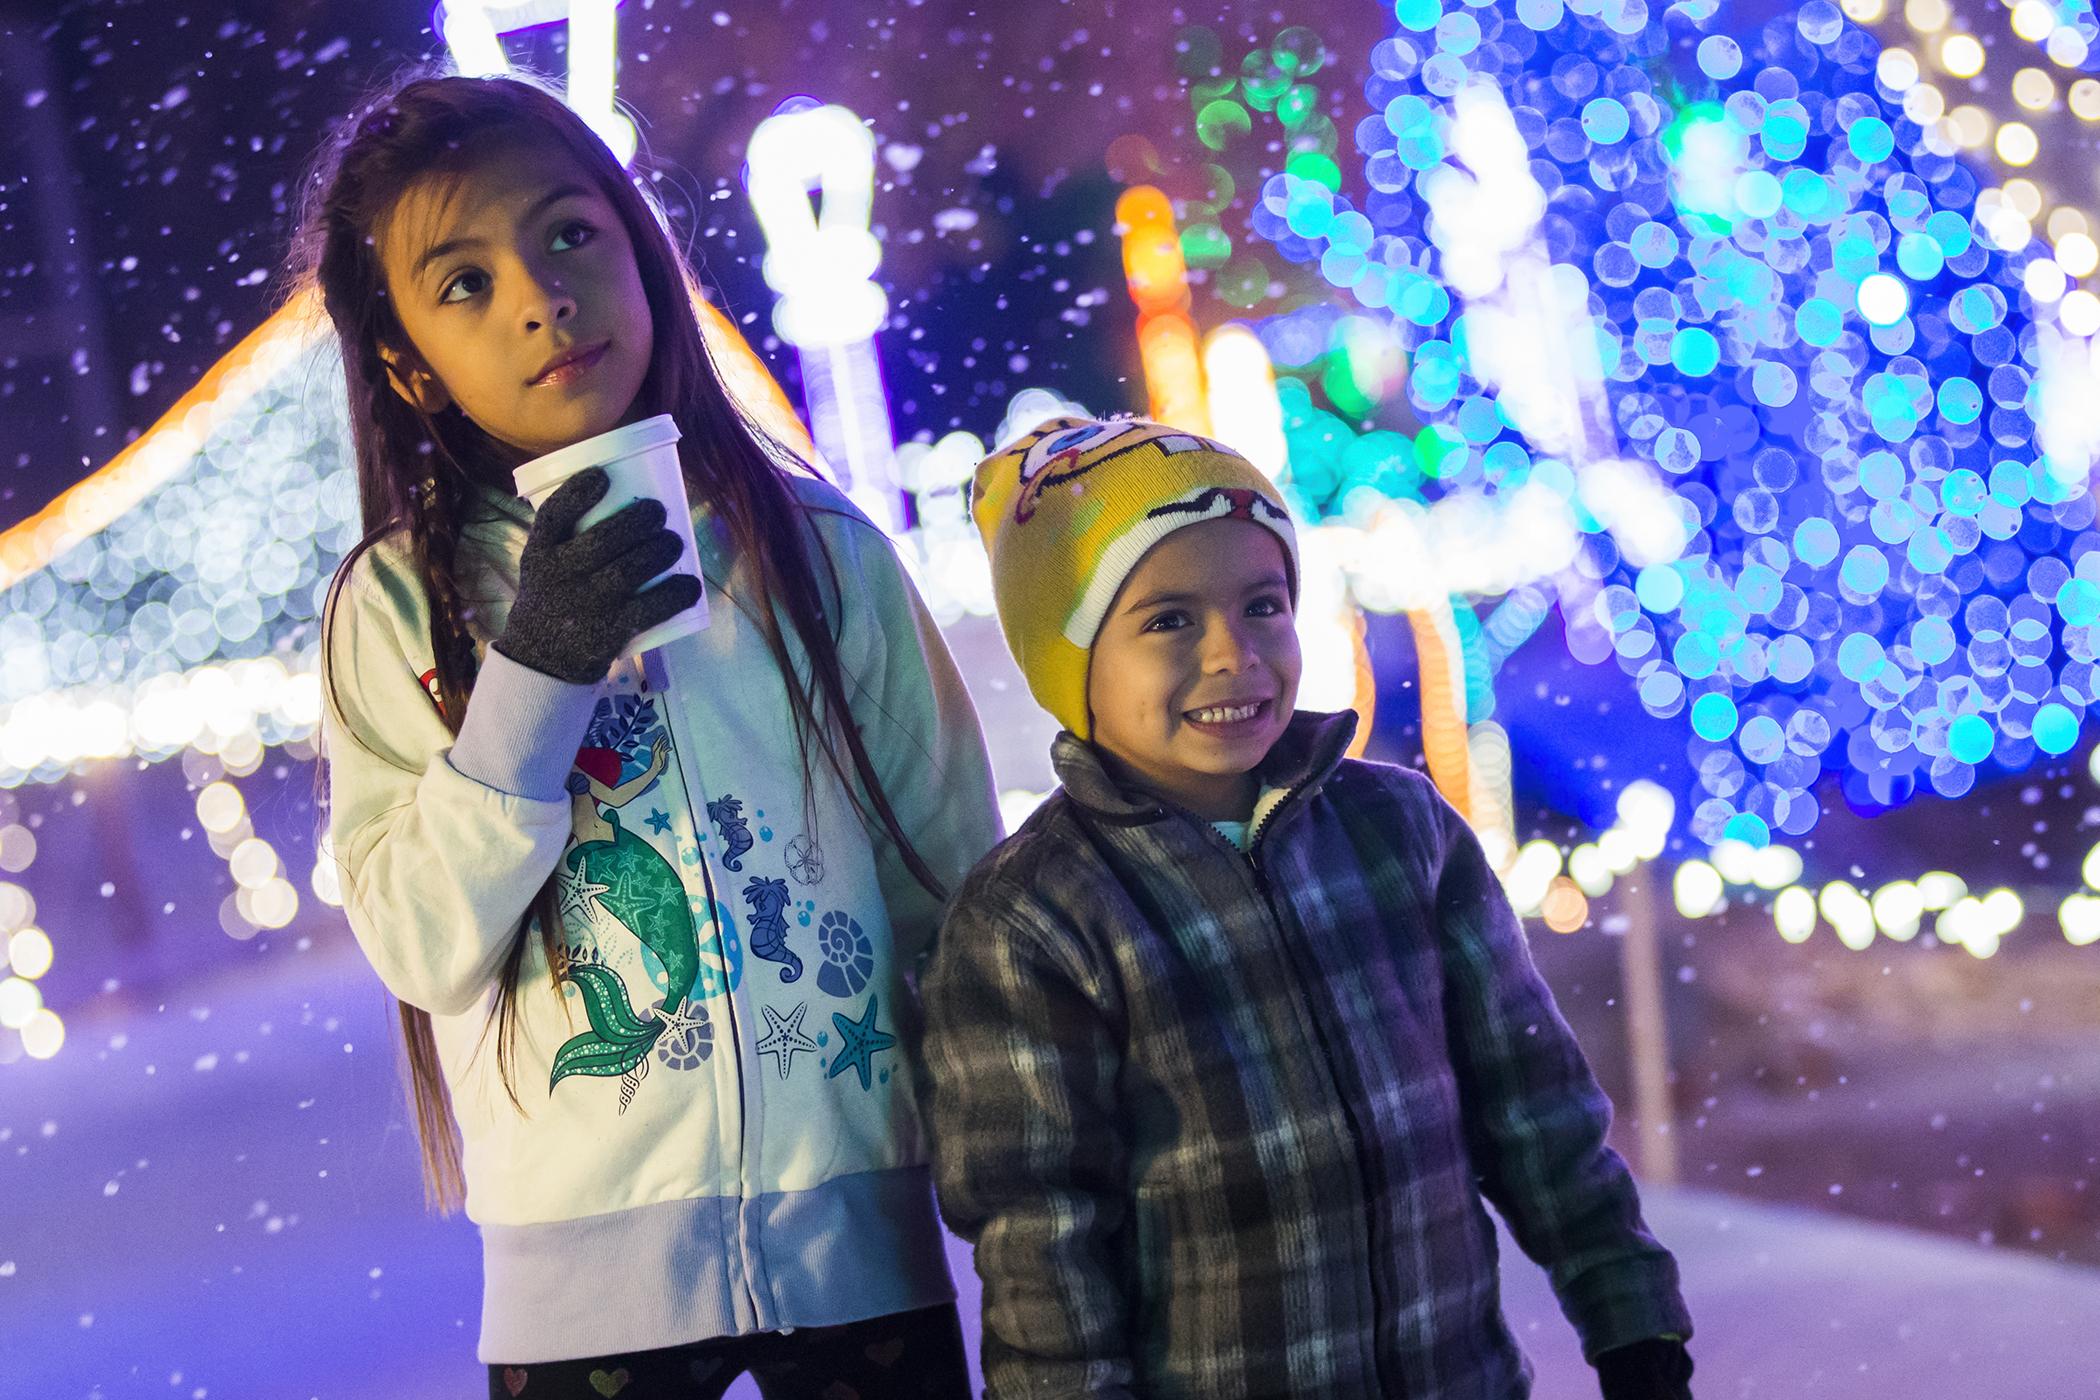 HolidayLights at CALM runs through January 5